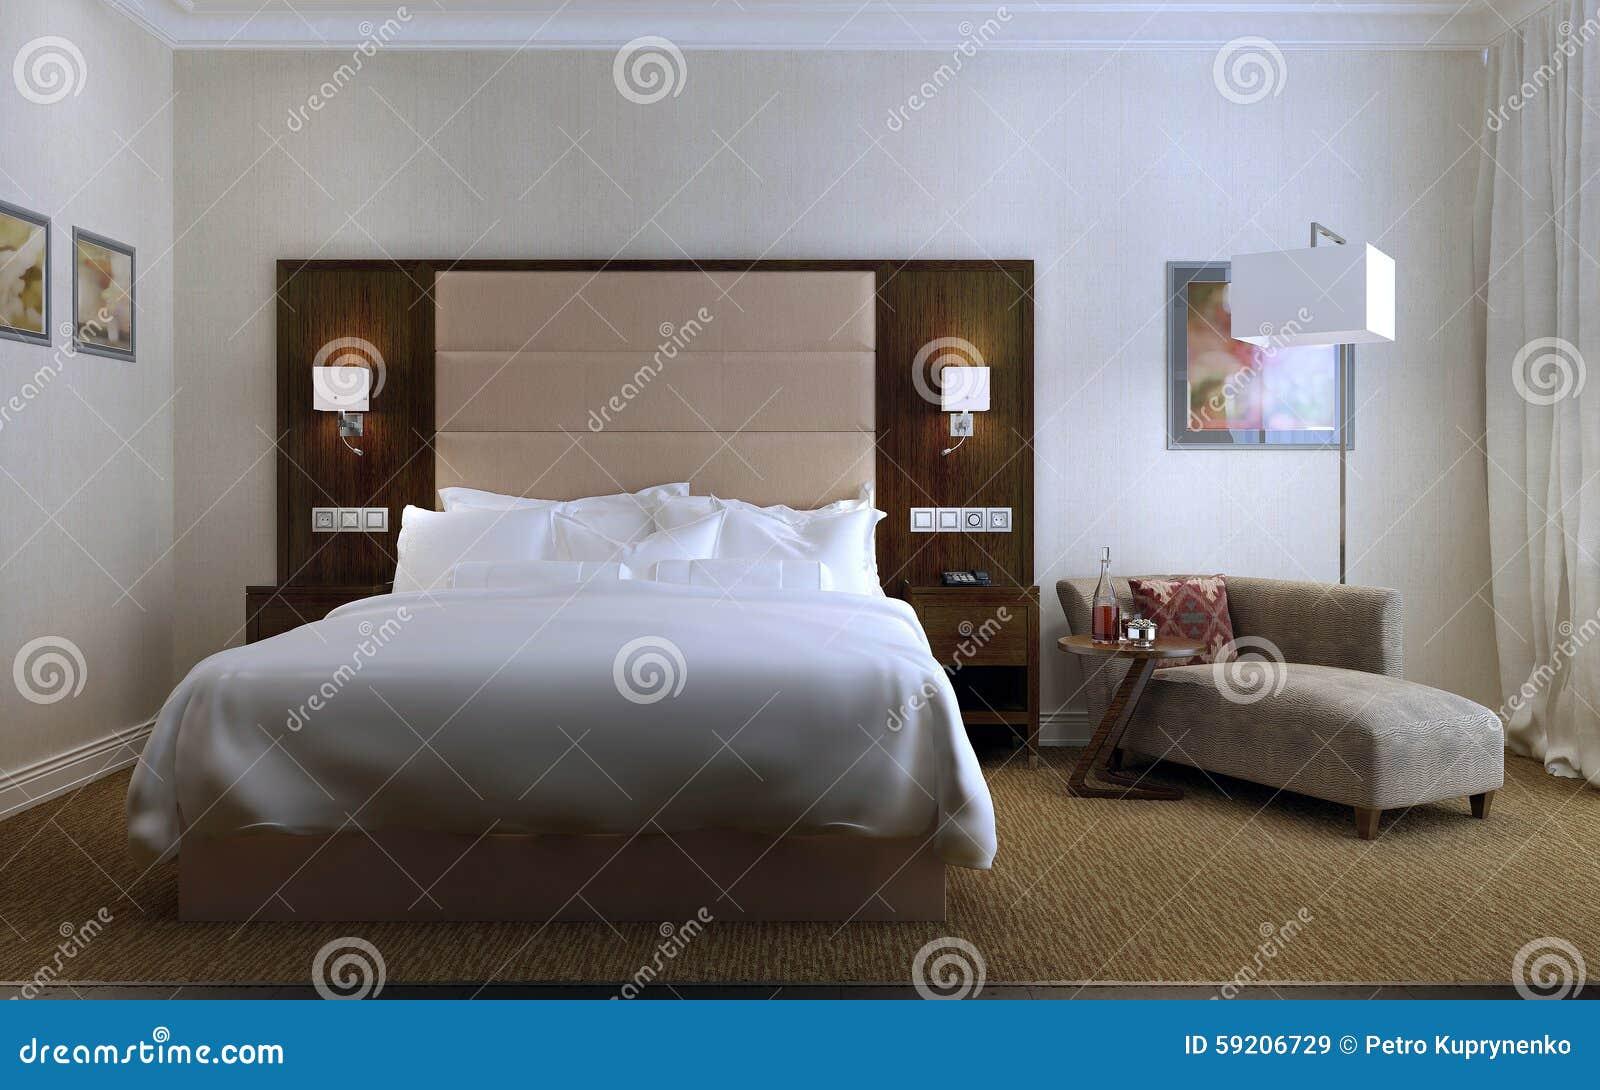 Logeerkamer eigentijdse stijl stock illustratie afbeelding 59206729 - Eigentijdse stijl slaapkamer ...